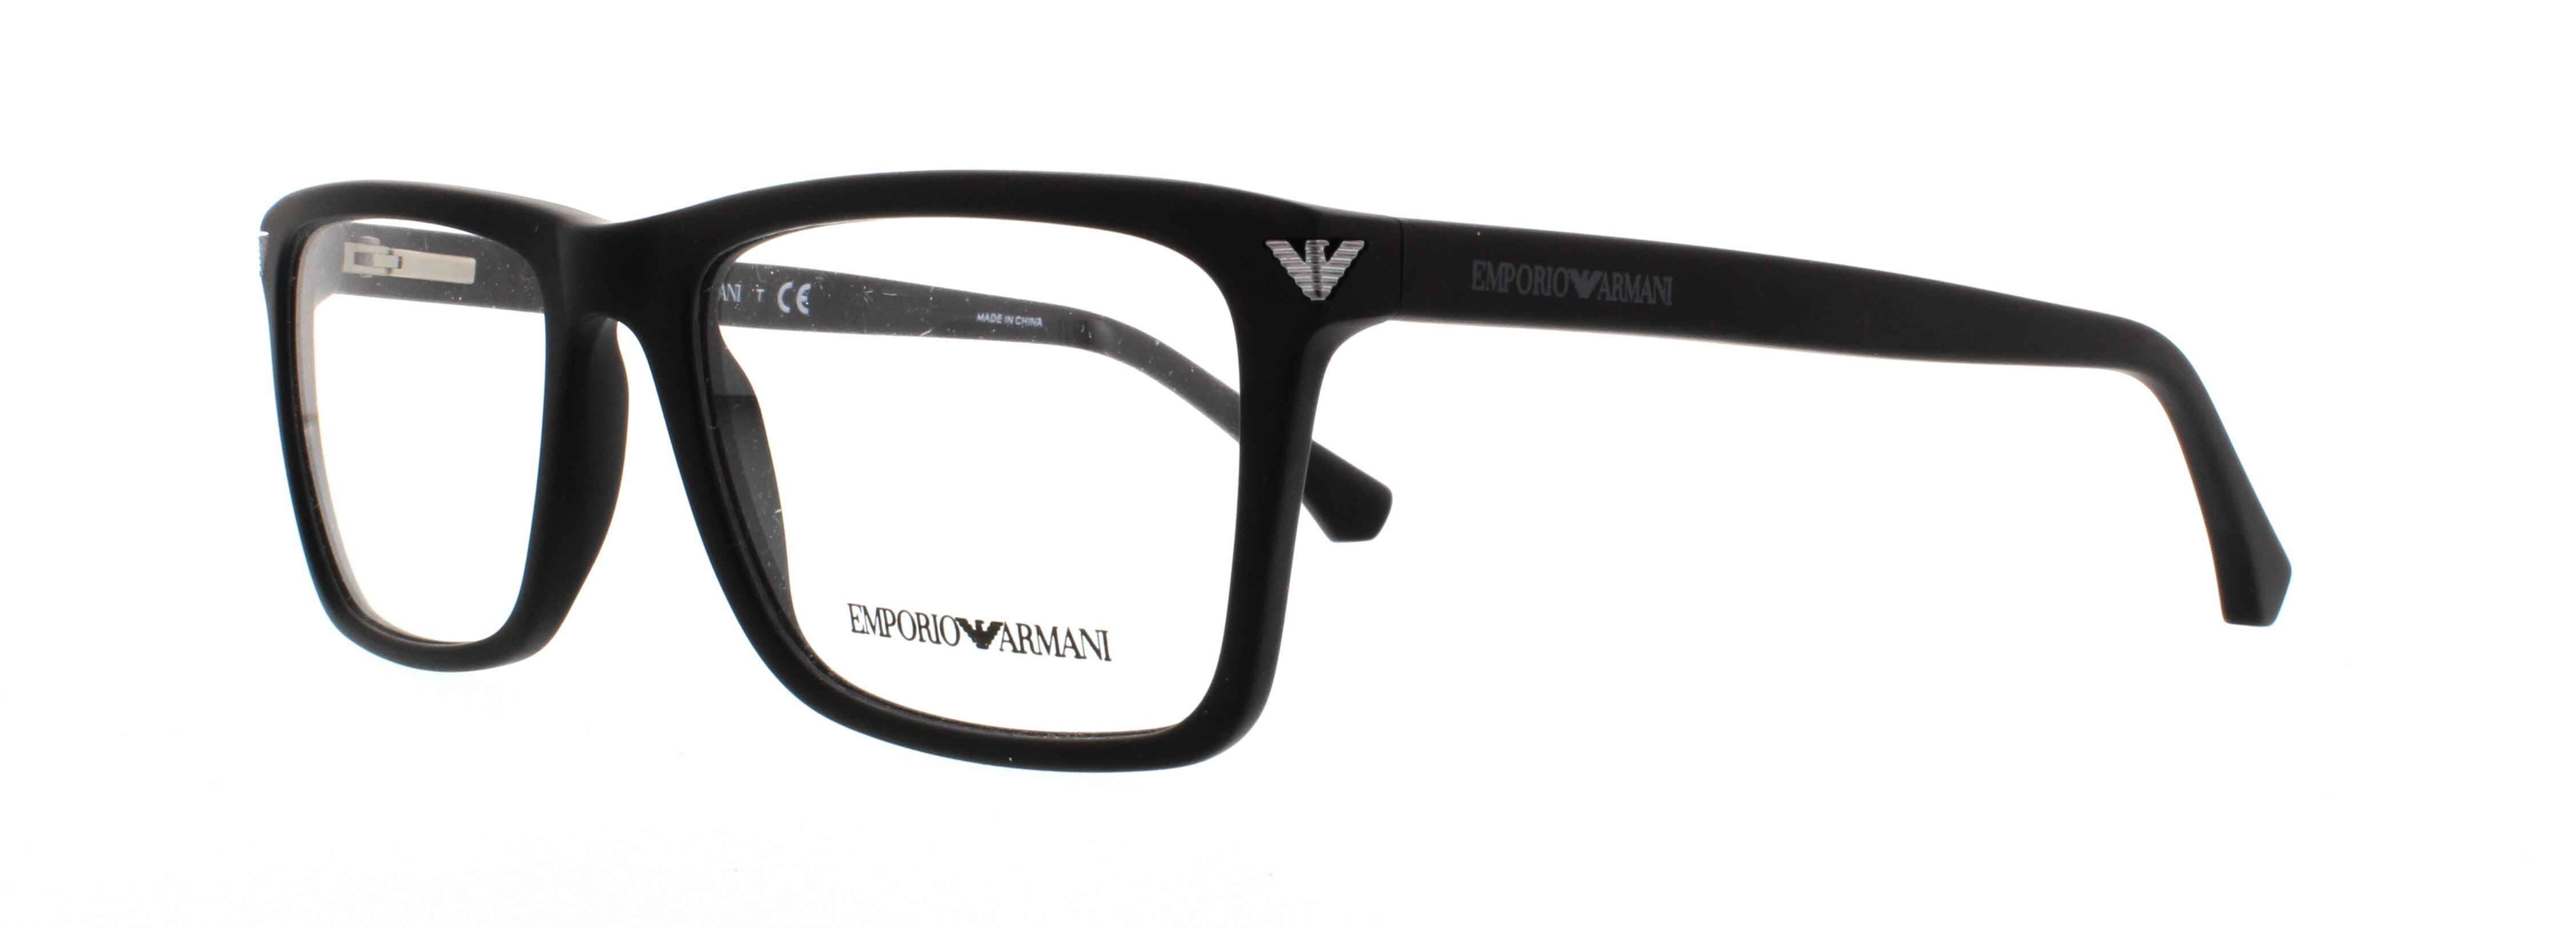 Designer Frames Outlet. Emporio Armani EA3071